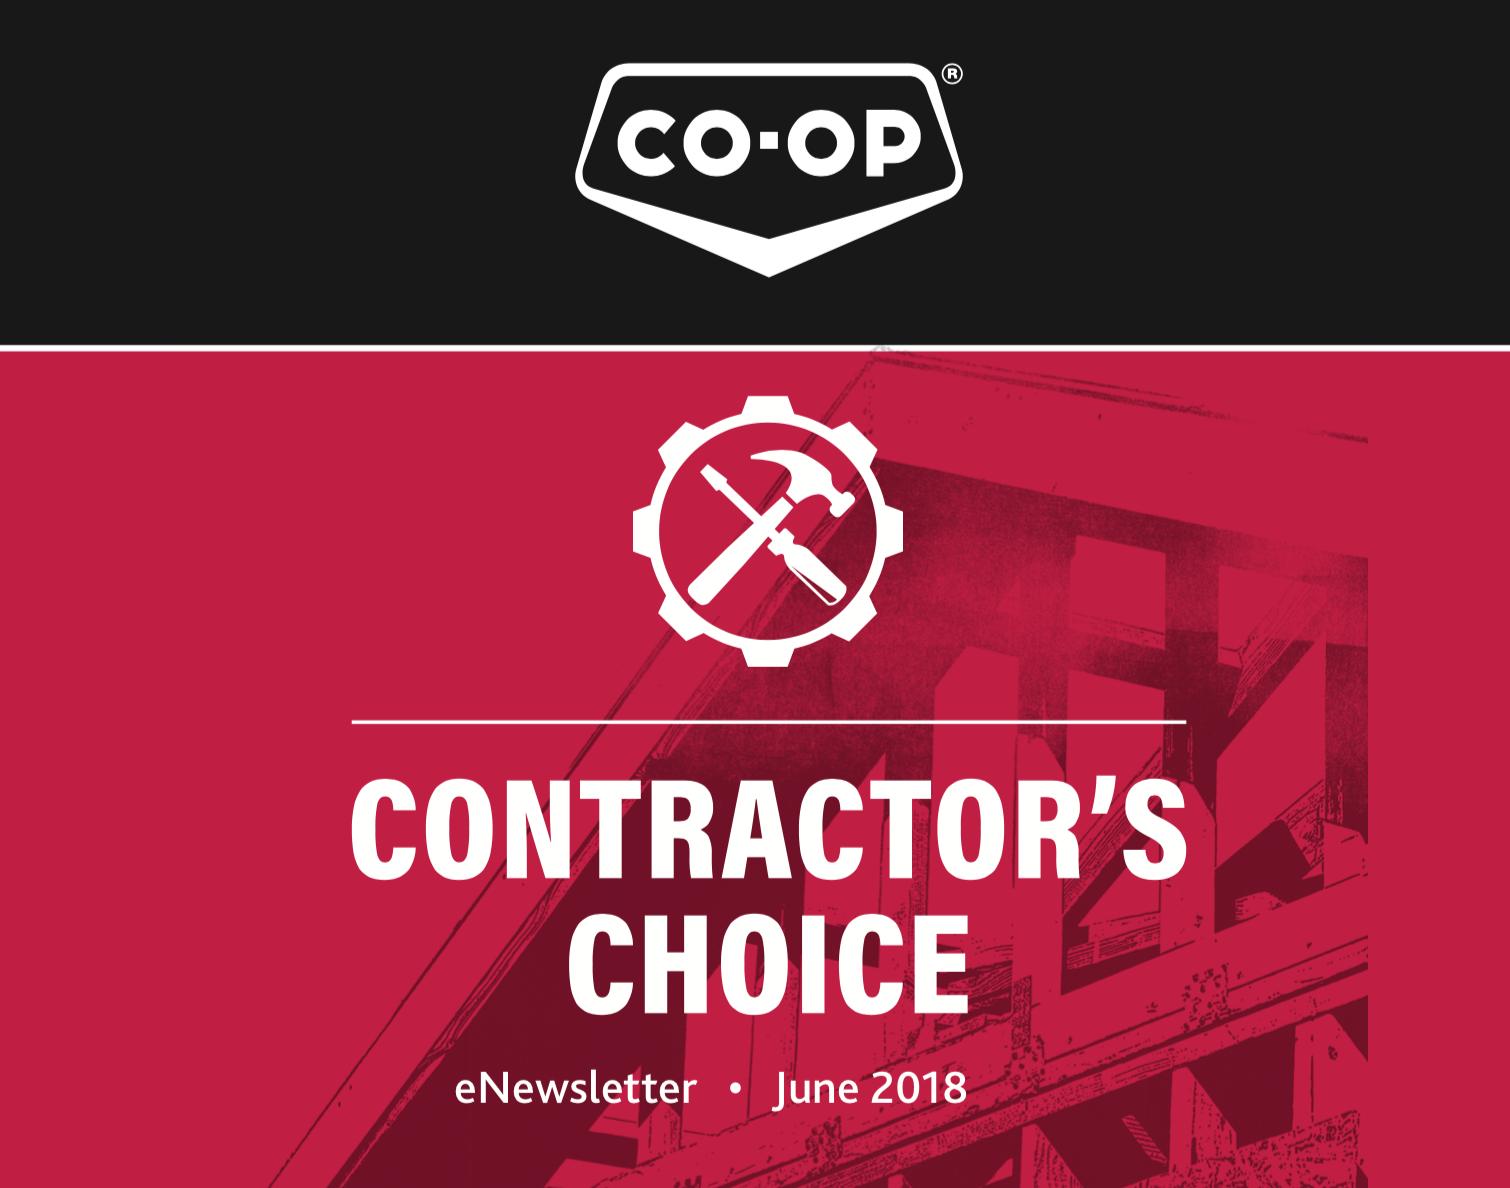 CO-OP eNewsletter - June 2018 Issue